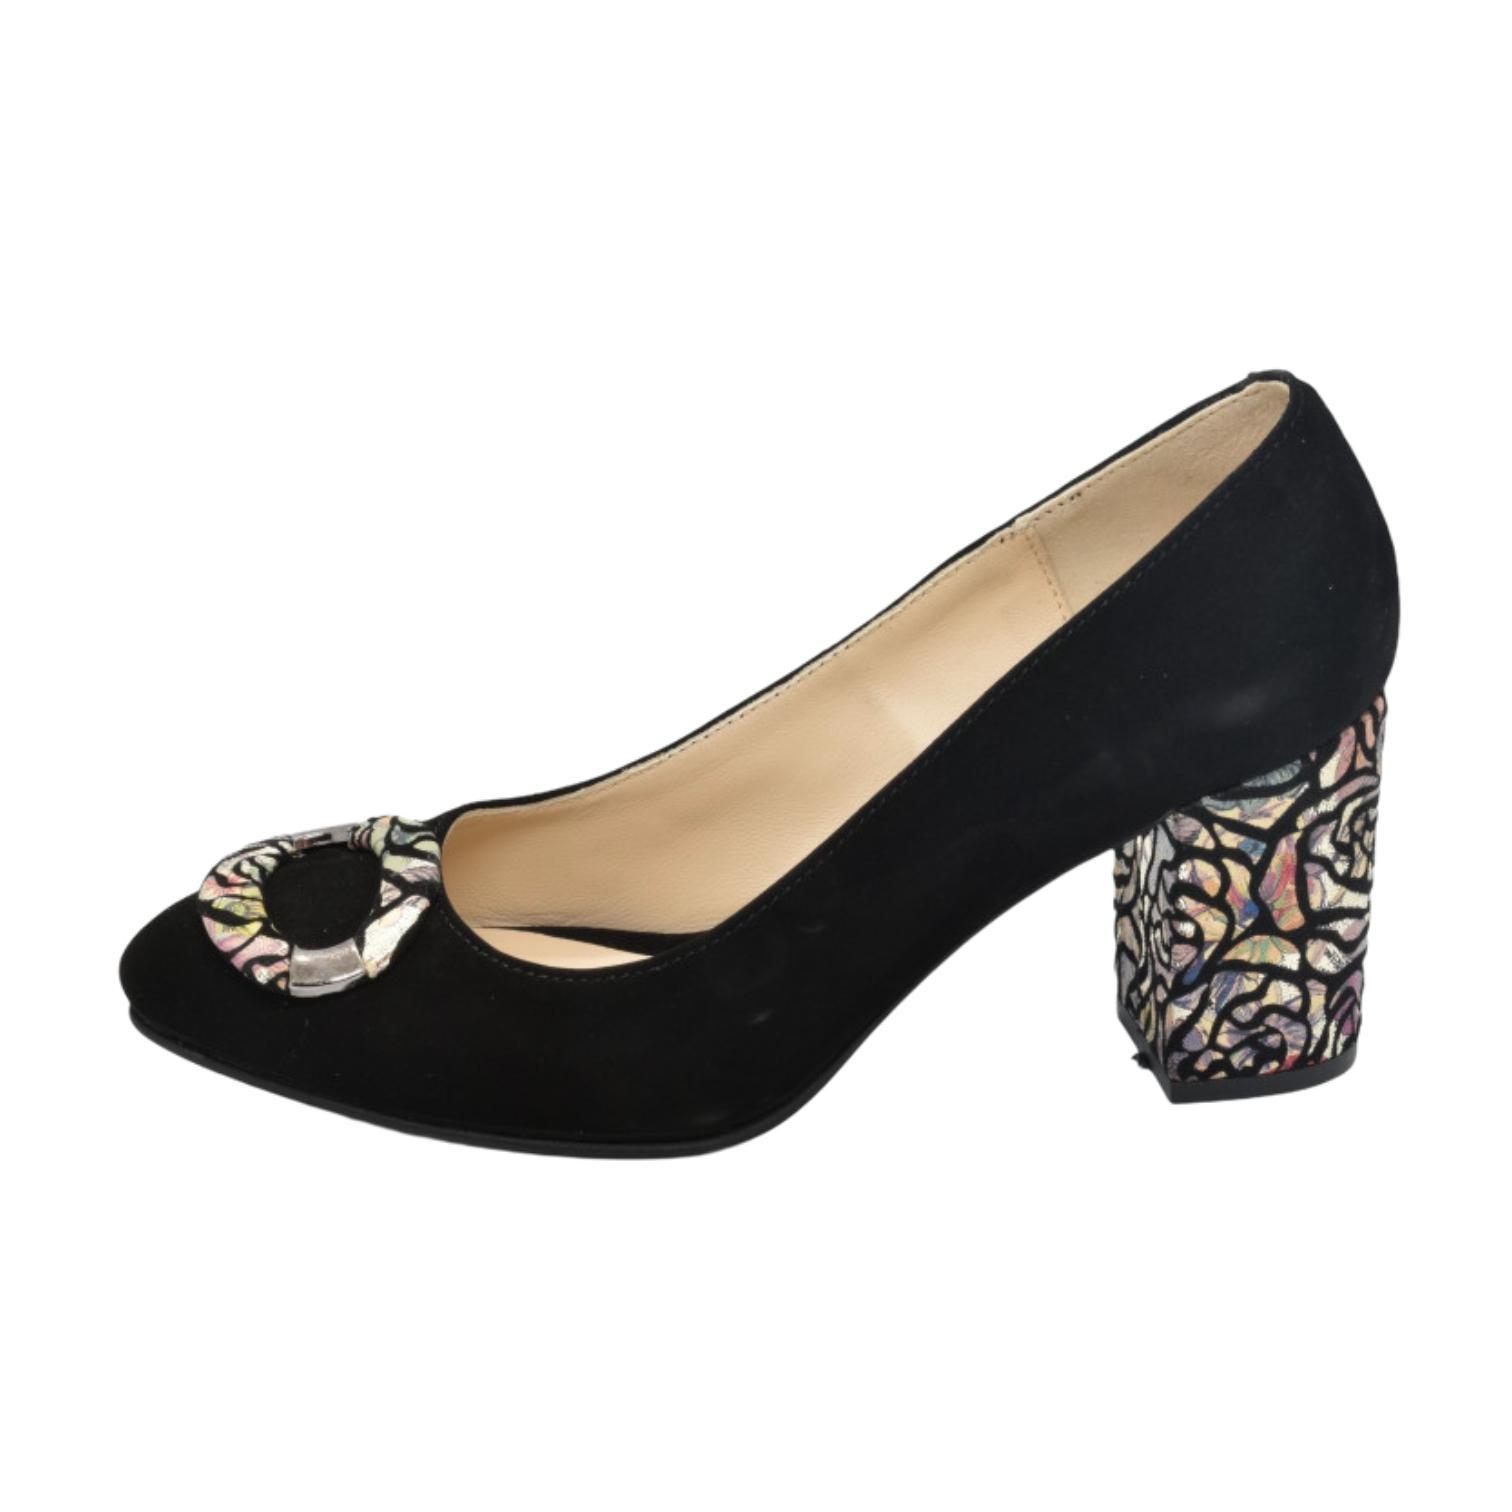 Pantofi negri cu accesoriu colorat